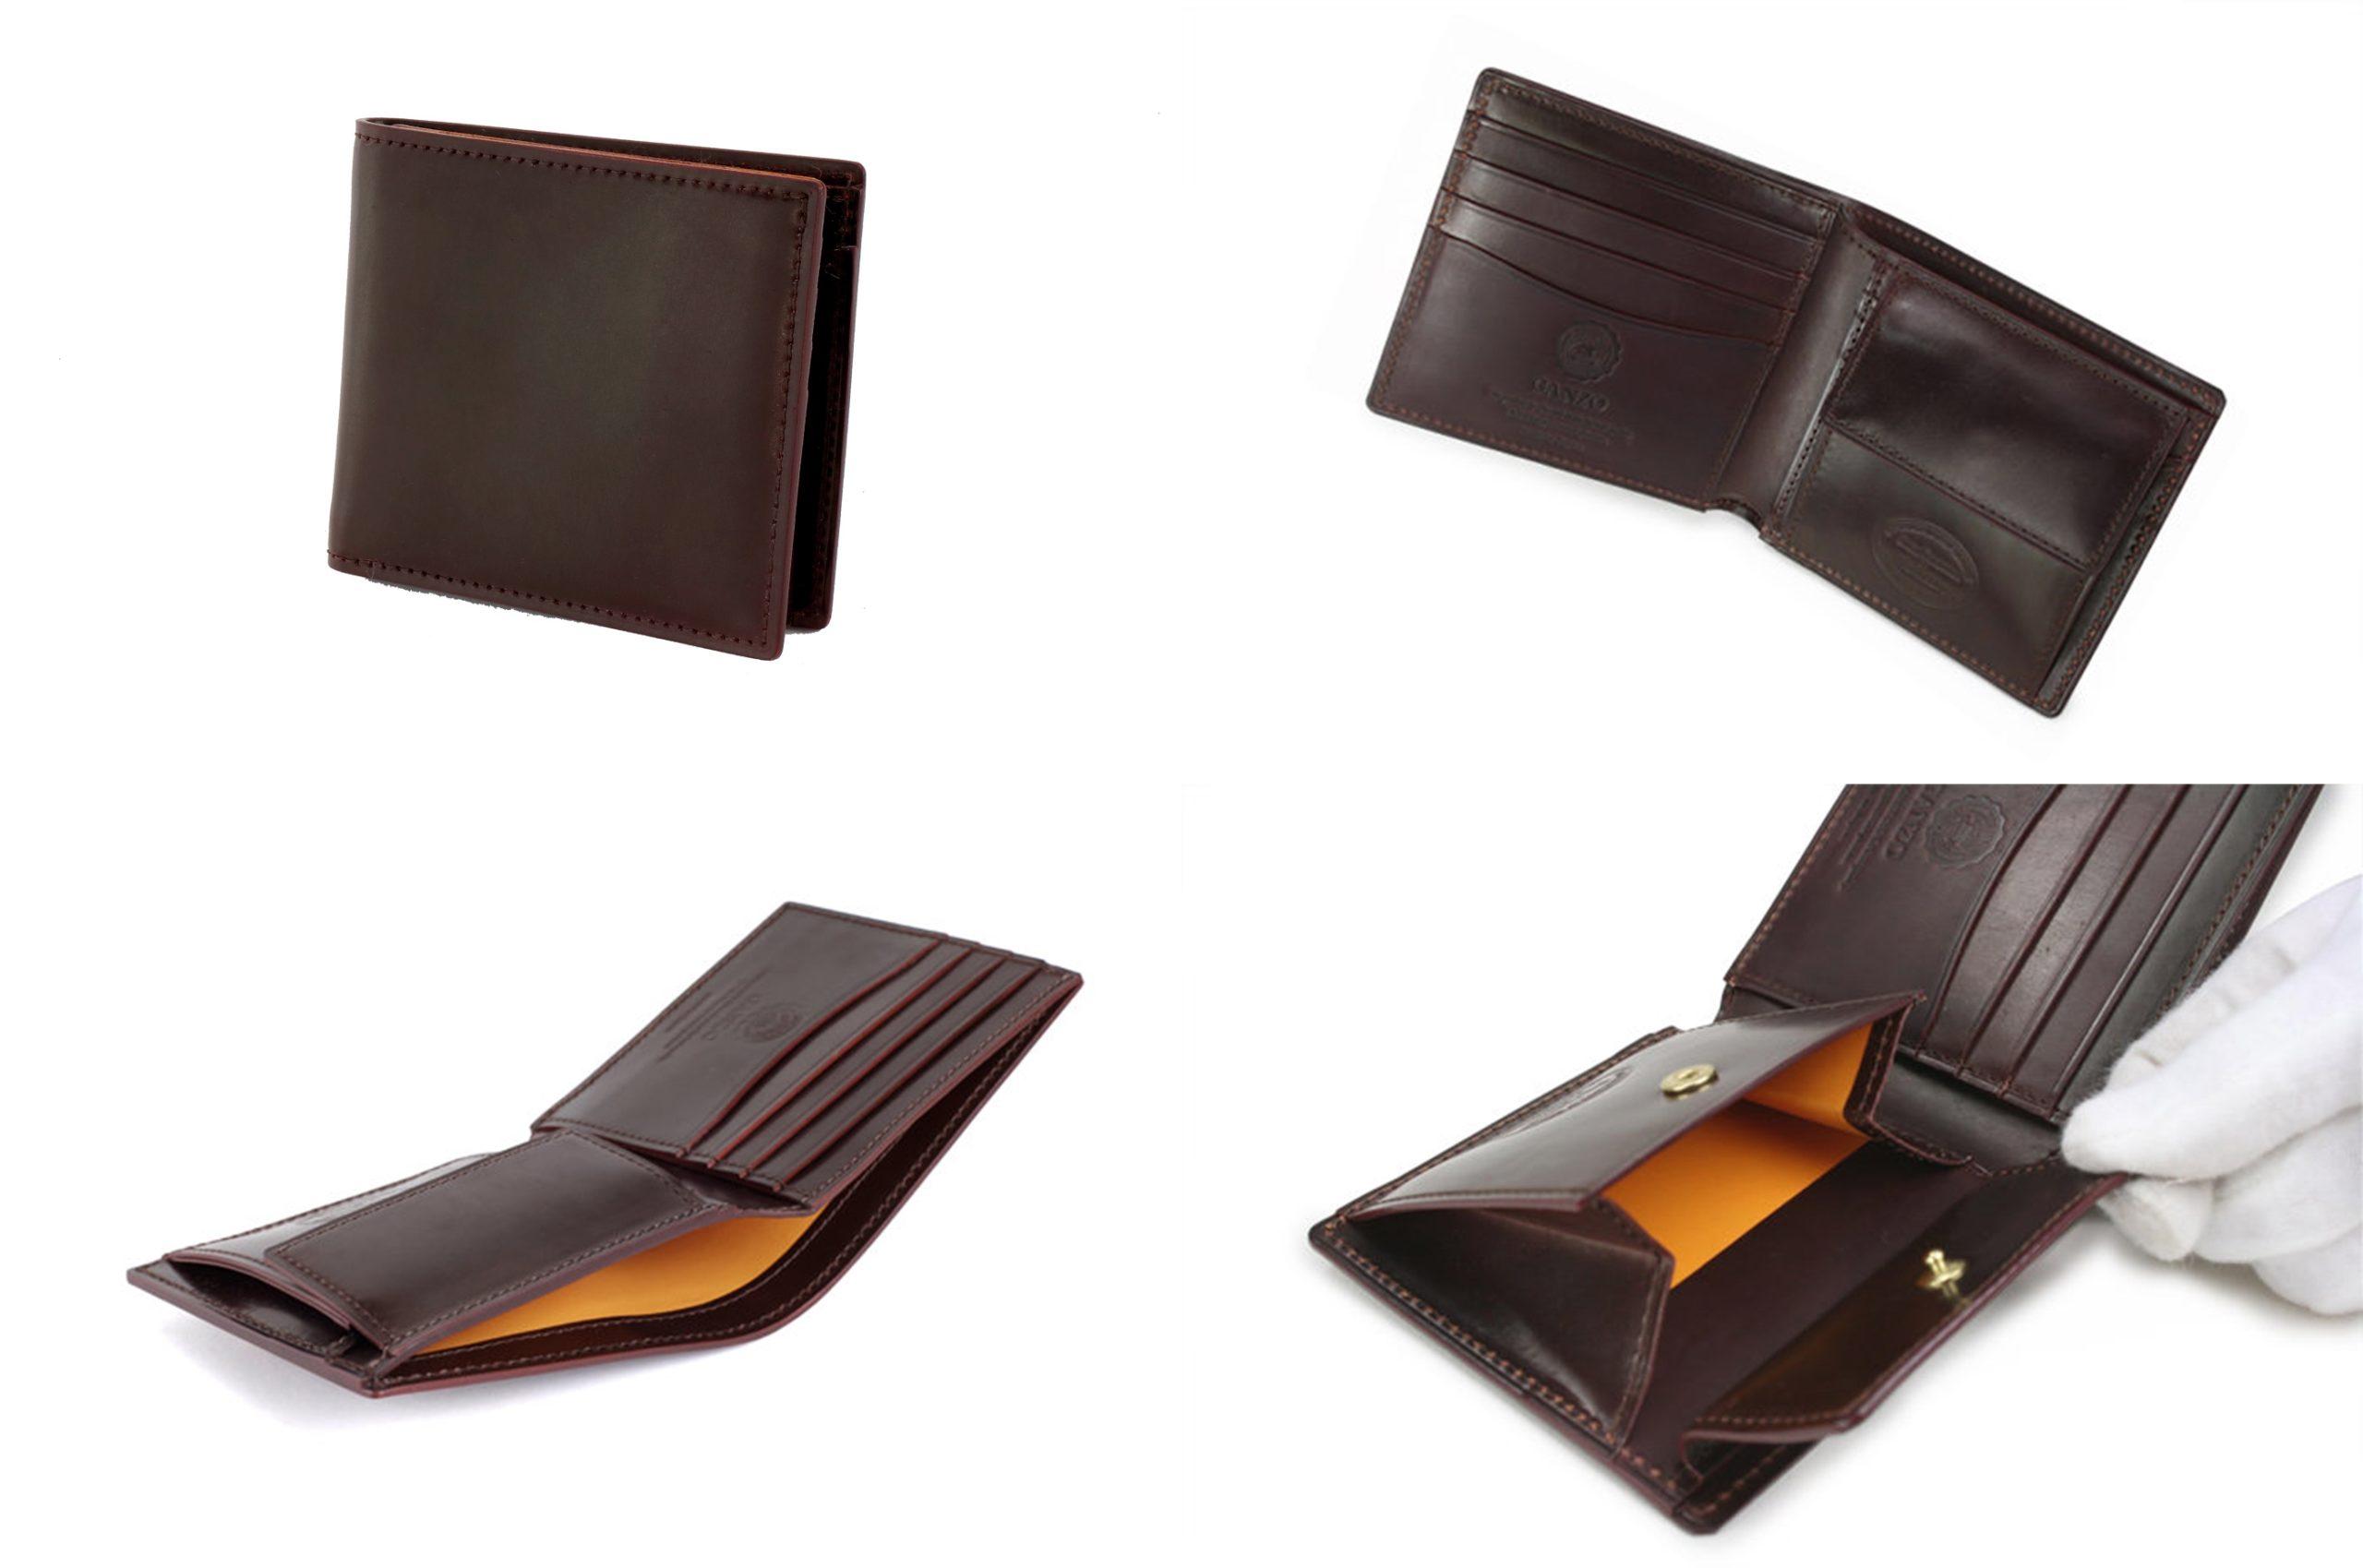 GANZO ガンゾ SHELL CORDOVAN 2 (シェルコードバン2)小銭入れ付き二つ折り財布 デザイン